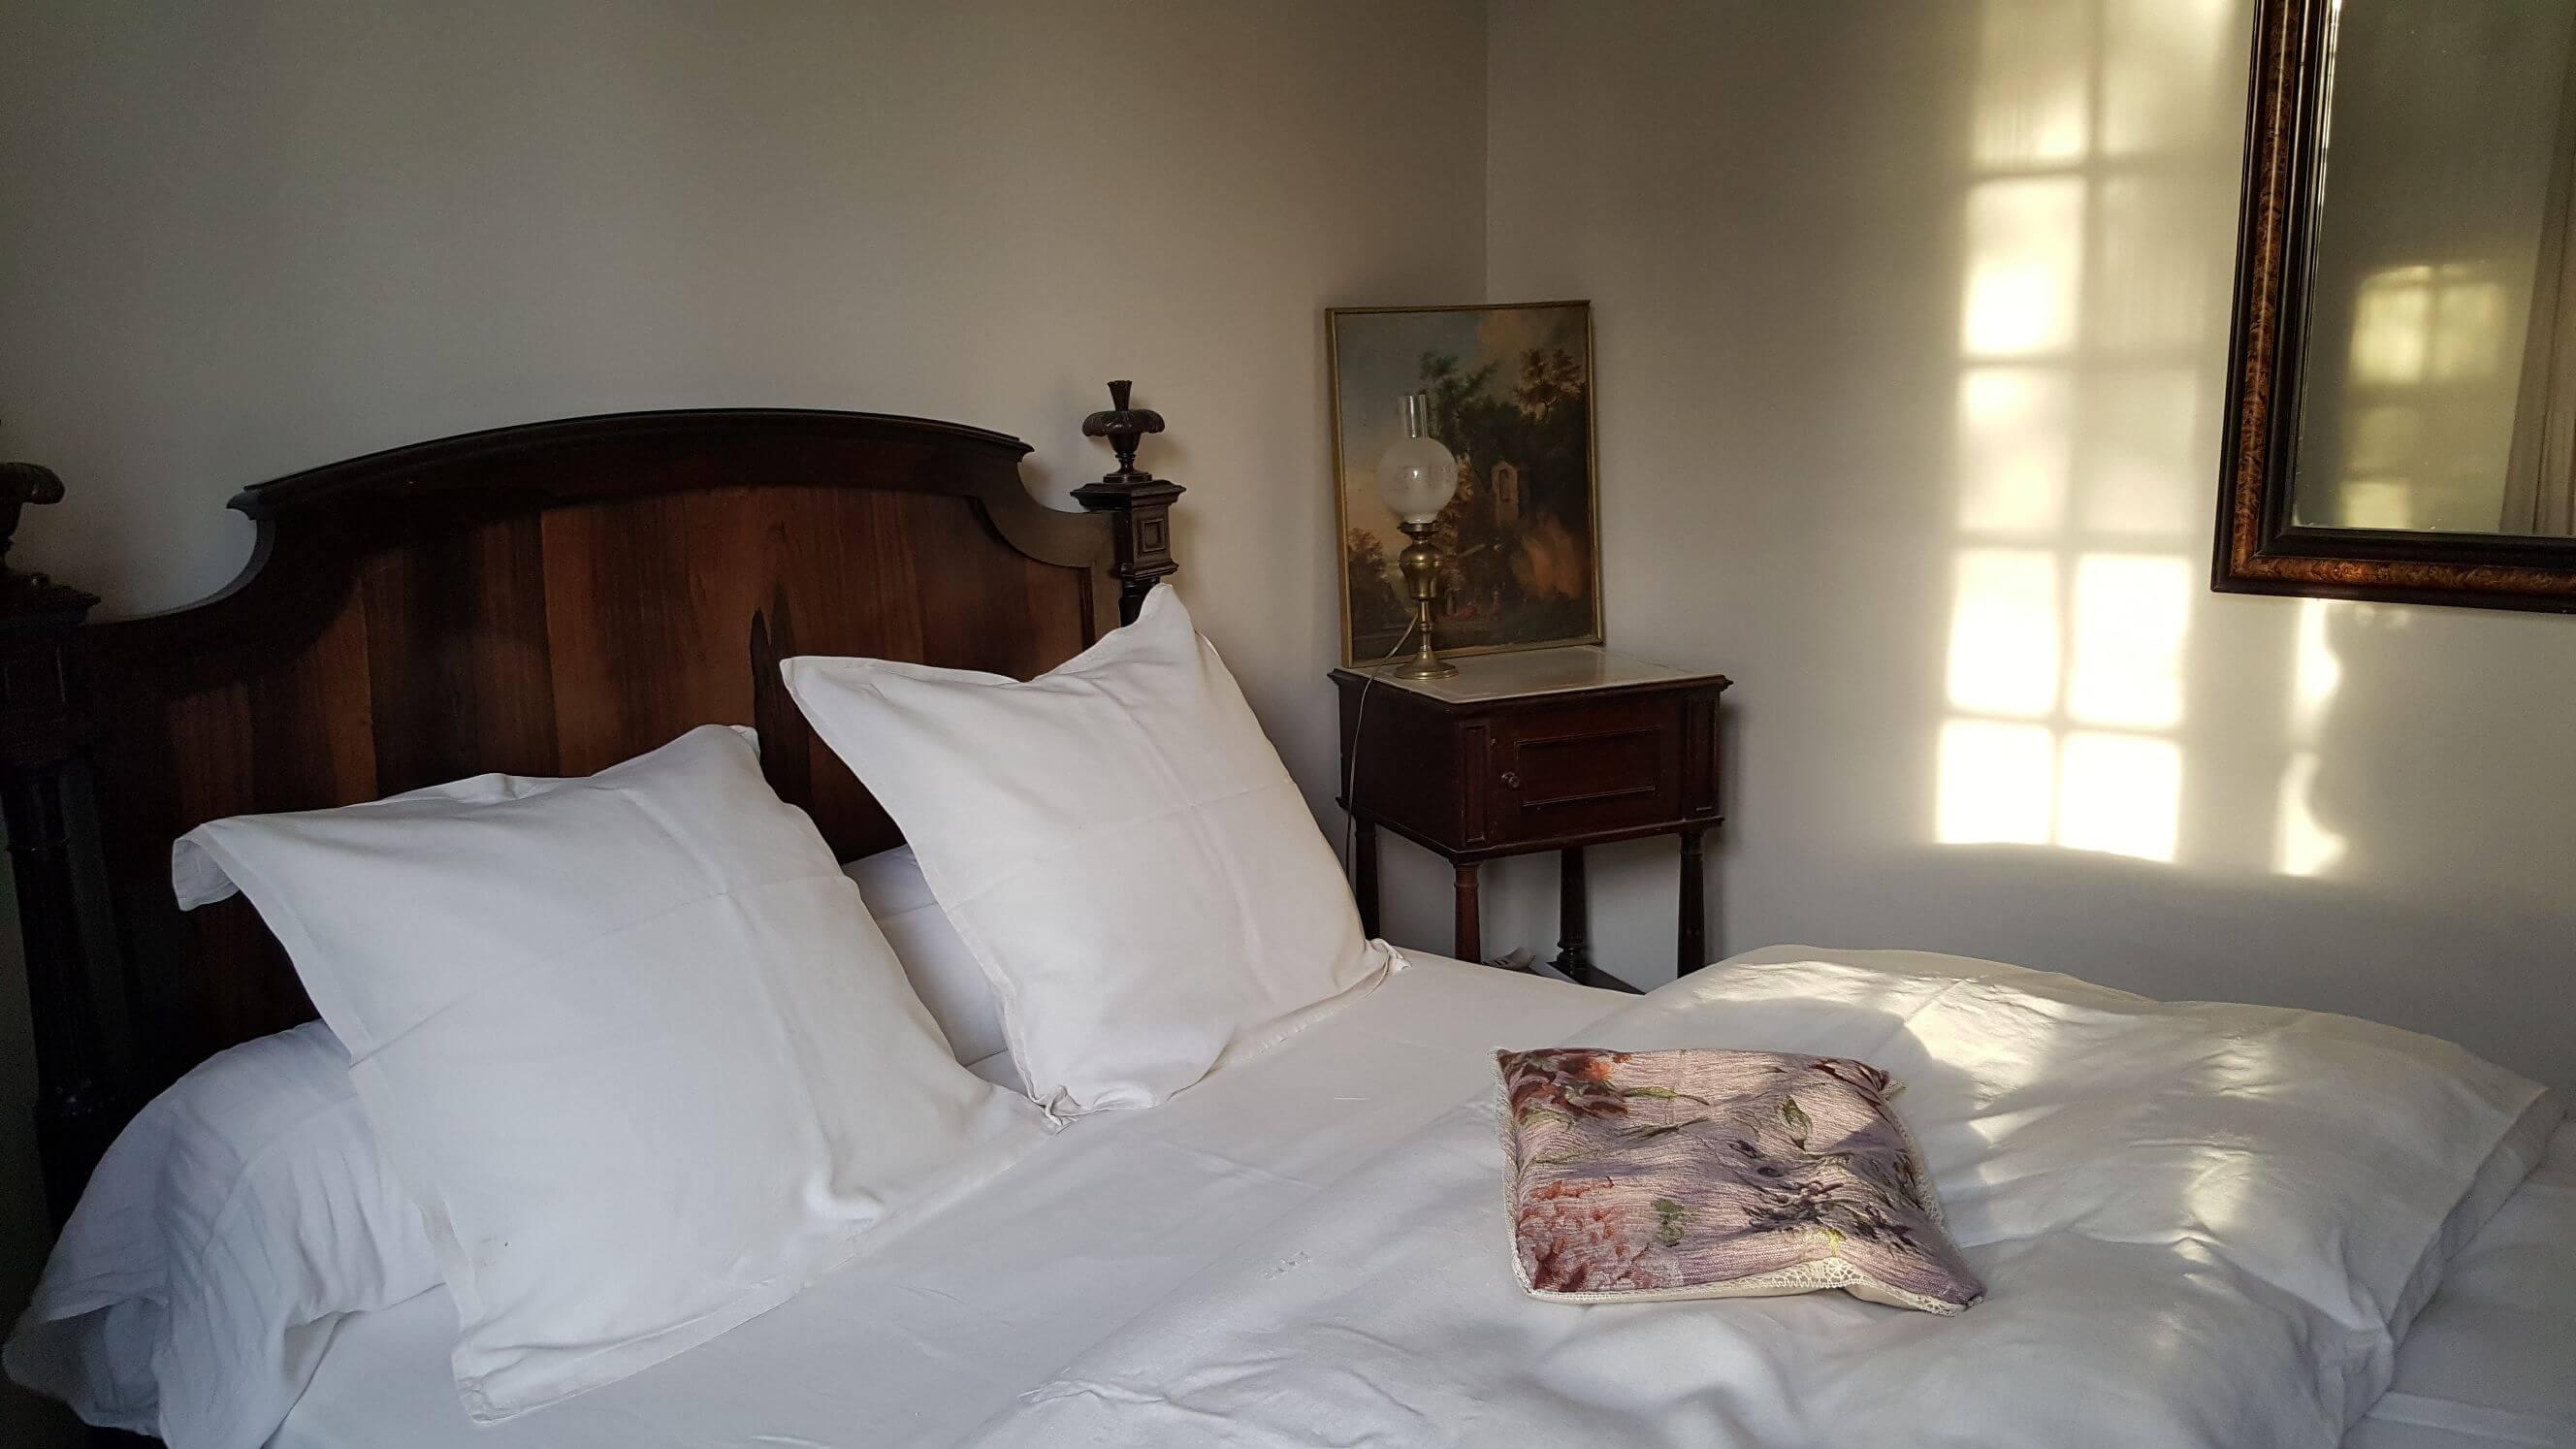 Chambres d'hôtes de charme au Château de Puichéric weekend-insolite-hebergement-atypique-sejour-romantique-nuit-amoureux-chambres-hotes-de-charme-au-chateau-de-puicheric-aveyron-occitanie-carcassonne